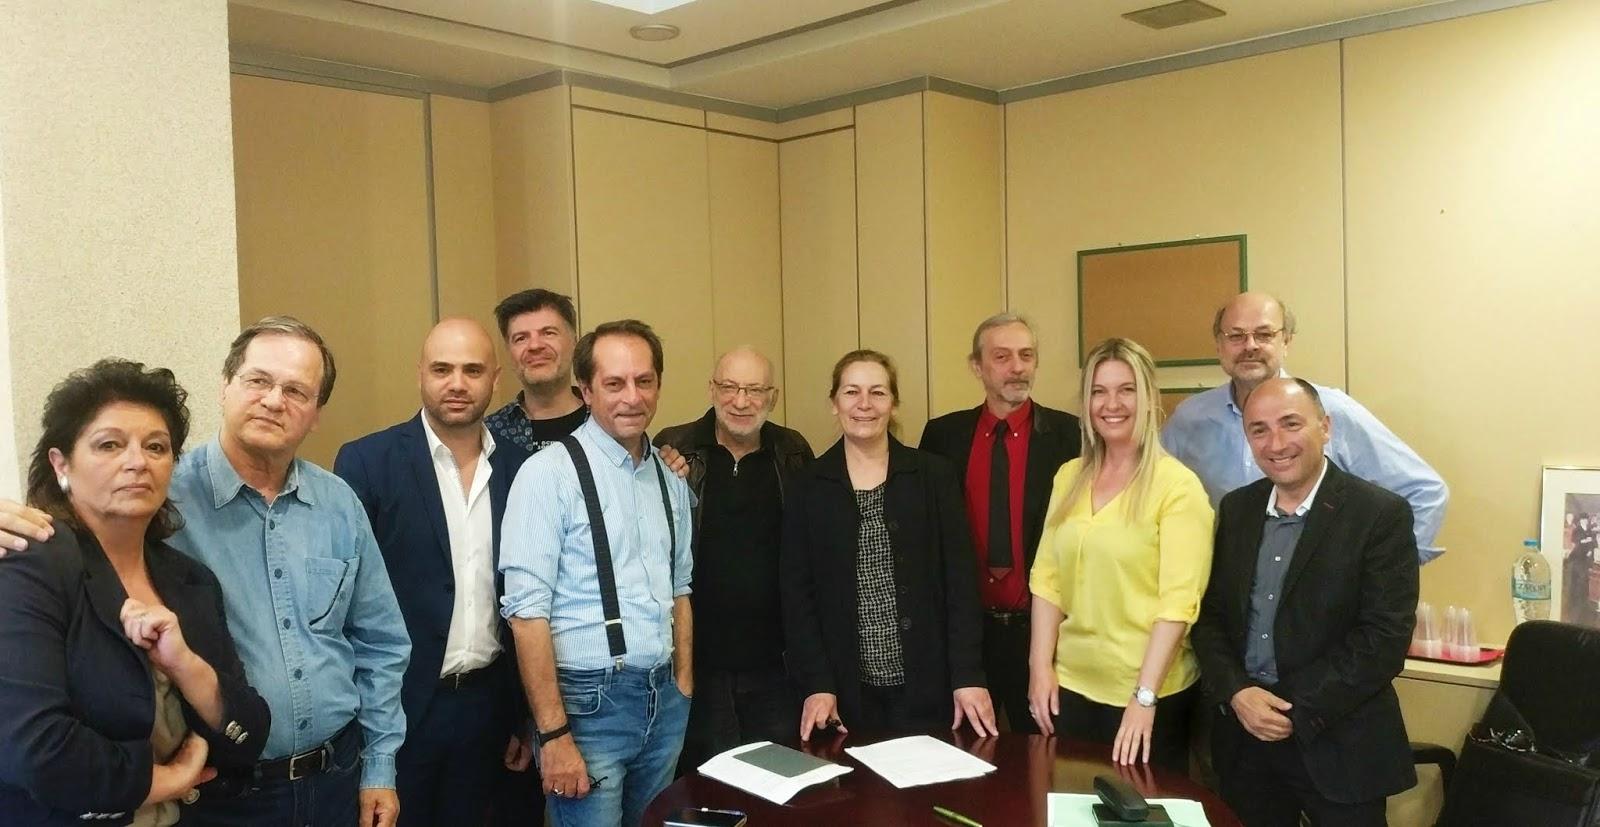 Συμφωνία ΕΥΕΔ- Πανελλήνια Ένωση Ιδιοκτητών Ραδιοφωνικών Σταθμών (ΠΕΙΡΑΣ) για τα Πνευματικά Δικαιώματα